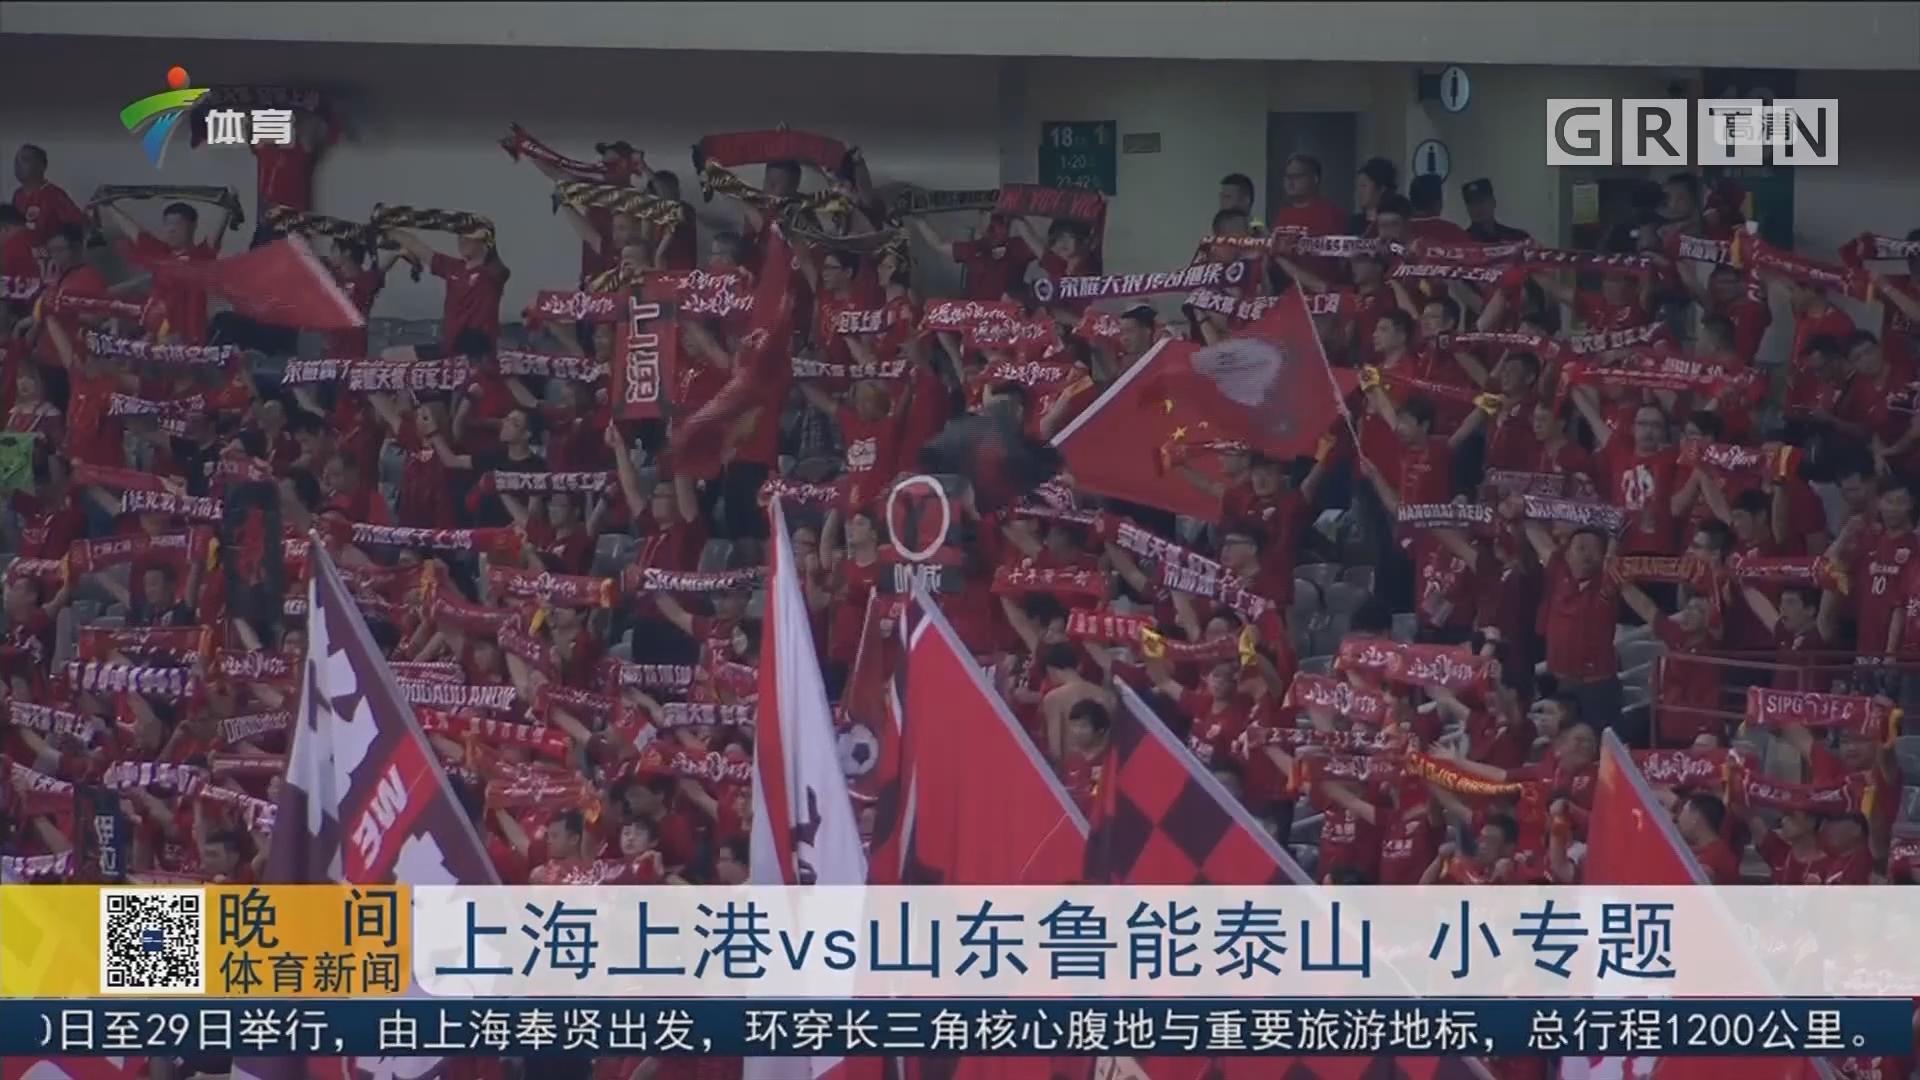 上海上港vs山东鲁能泰山 小专题